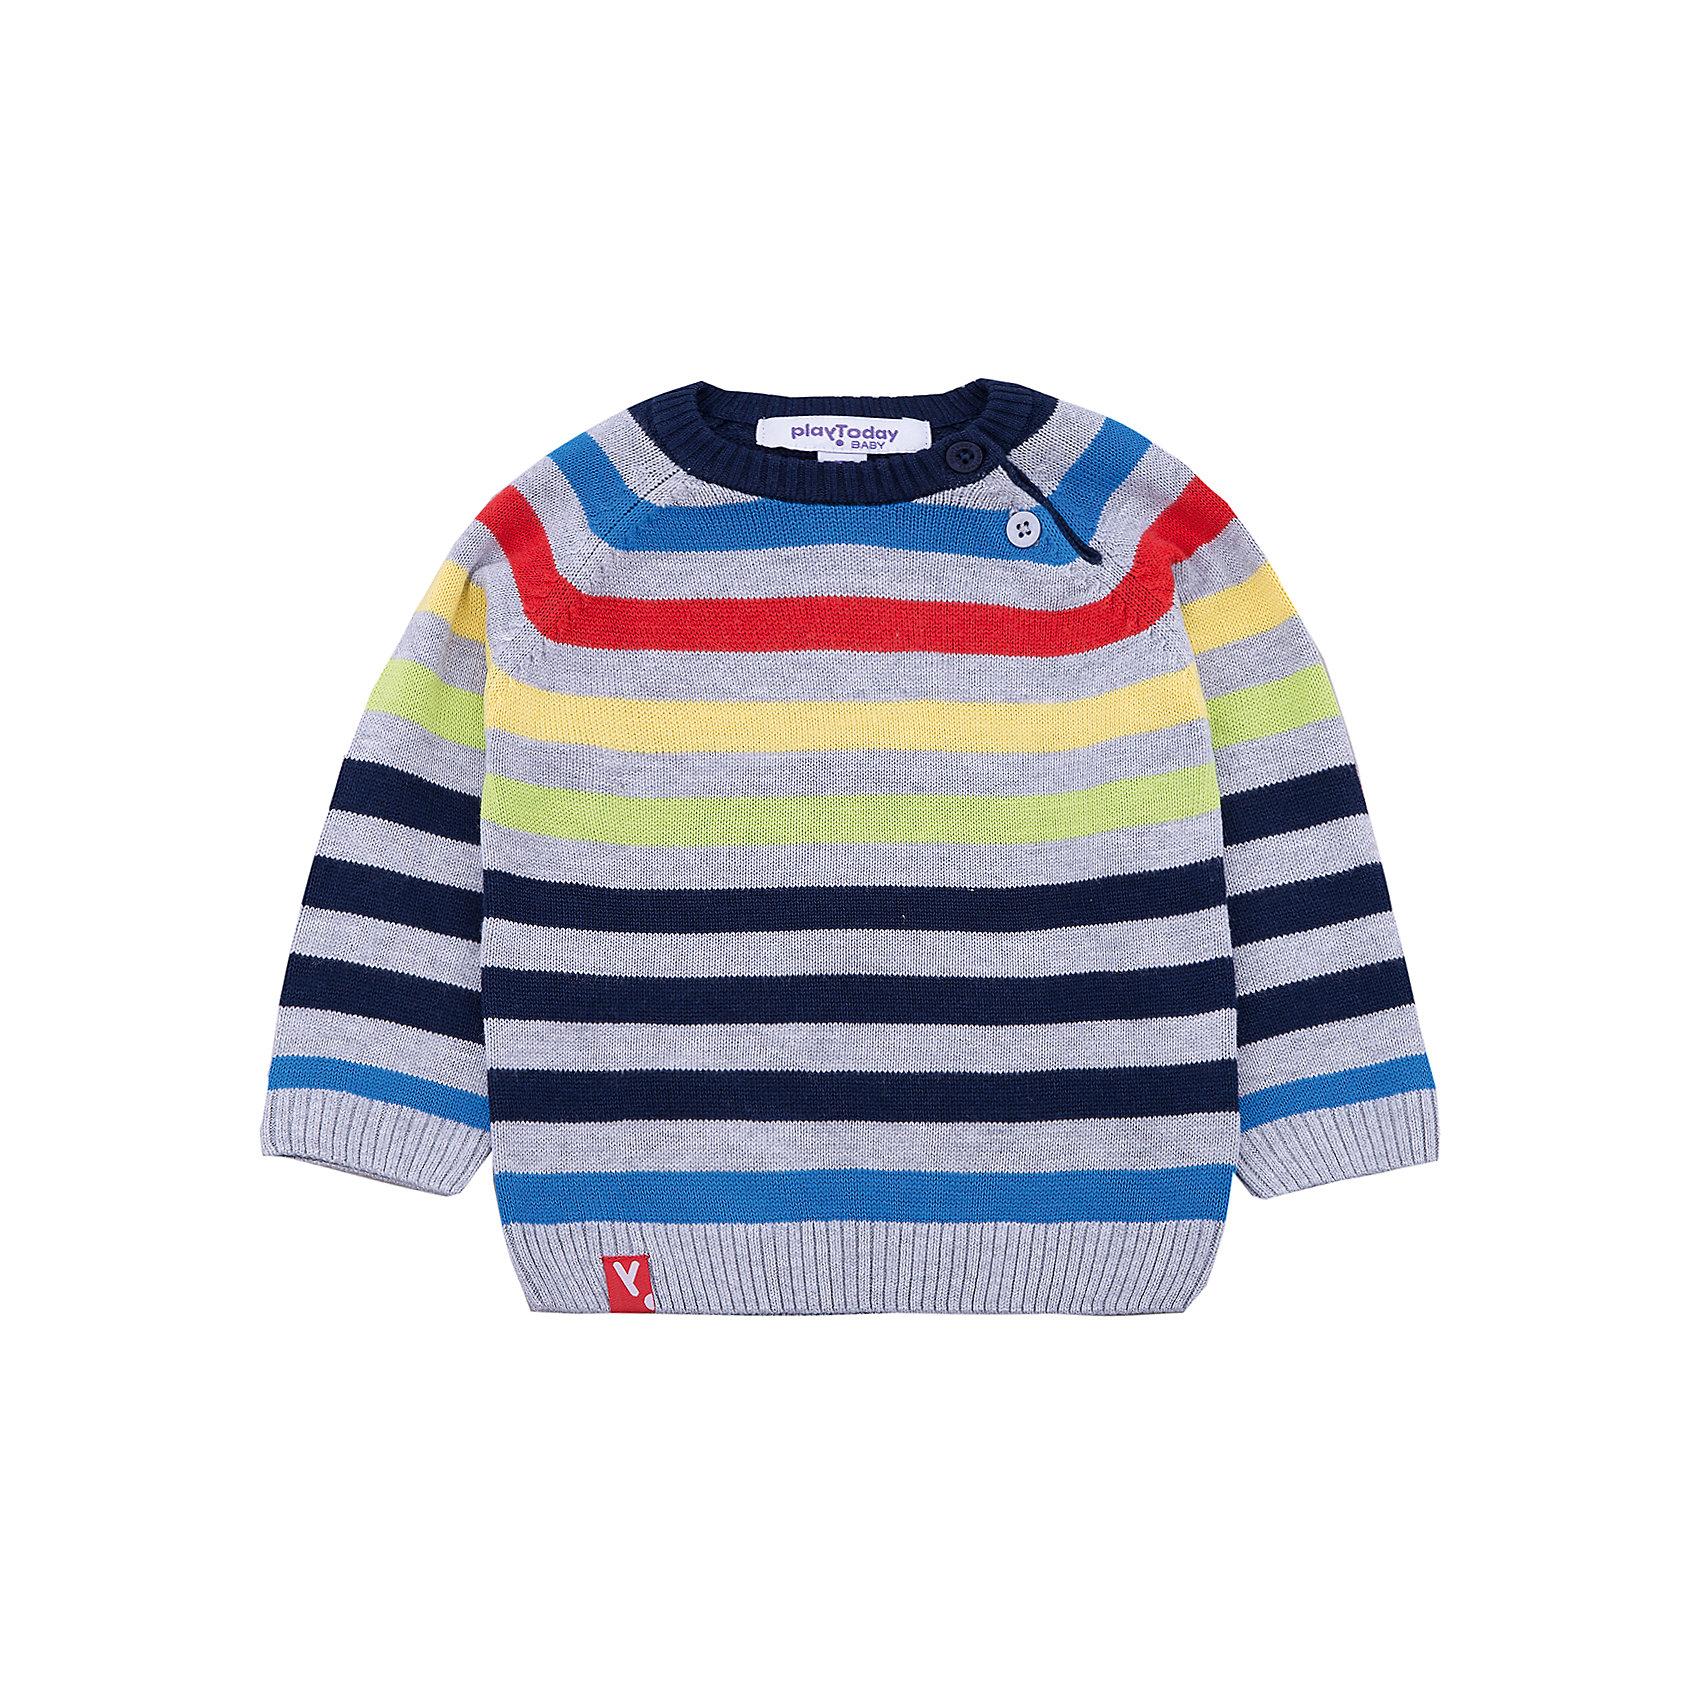 Джемпер PlayToday для мальчикаТолстовки, свитера, кардиганы<br>Джемпер PlayToday для мальчика<br>Джемпер - отличное решение для повседневного гардероба ребенка. Свободный крой не сковывает движений. Модель выполнена по технологии yarn dyed - в процессе производства используются разного цвета нити. При рекомендуемом уходе изделие не линяет и надолго остается в прежнем виде.<br>Состав:<br>60% вискоза, 40% хлопок<br><br>Ширина мм: 190<br>Глубина мм: 74<br>Высота мм: 229<br>Вес г: 236<br>Цвет: белый<br>Возраст от месяцев: 6<br>Возраст до месяцев: 9<br>Пол: Мужской<br>Возраст: Детский<br>Размер: 74,92,86,80<br>SKU: 7109695